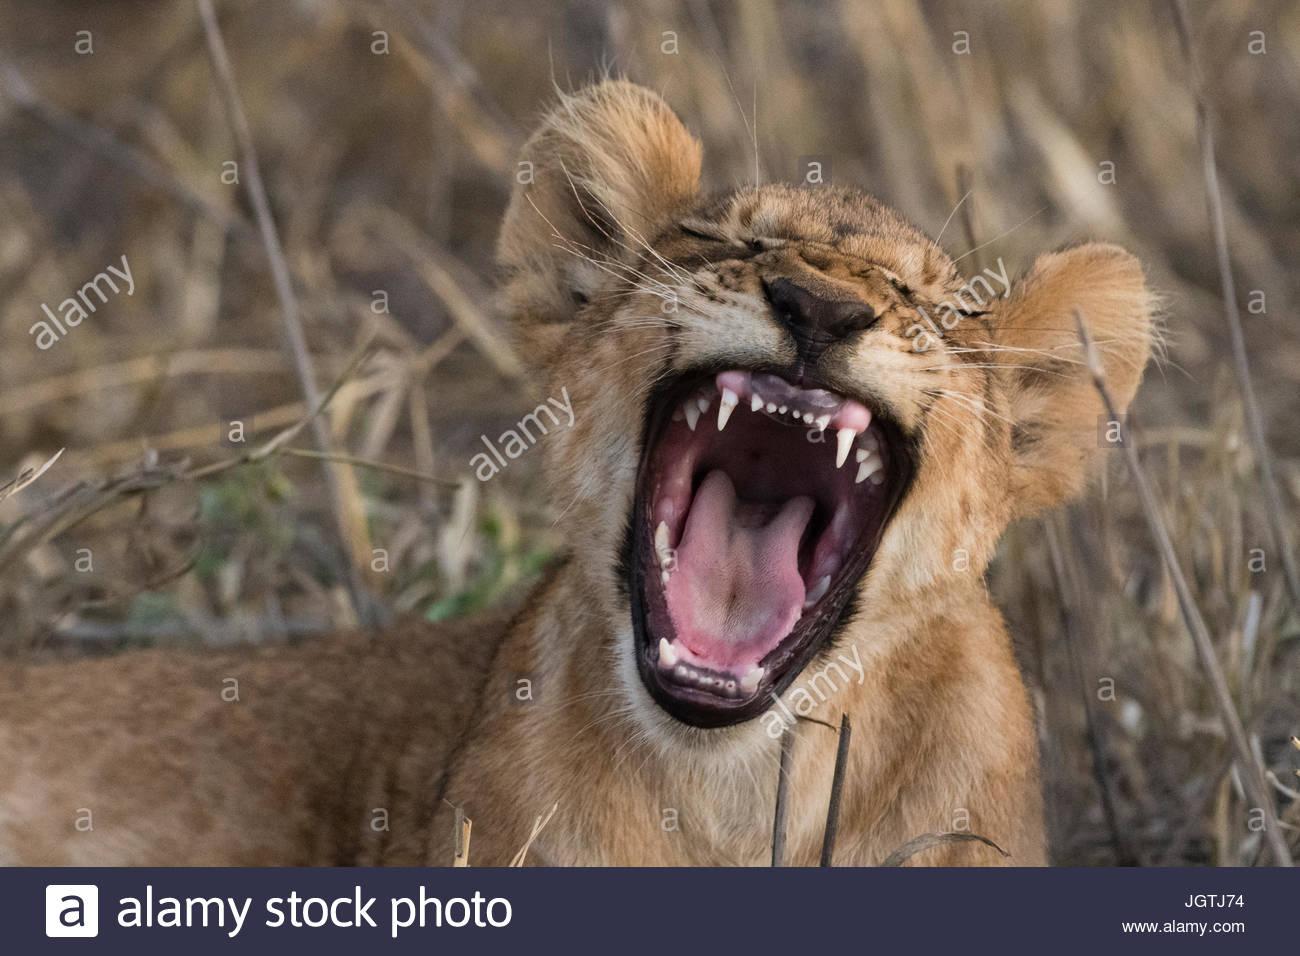 A lion cub, Panthera leo, yawning. - Stock Image